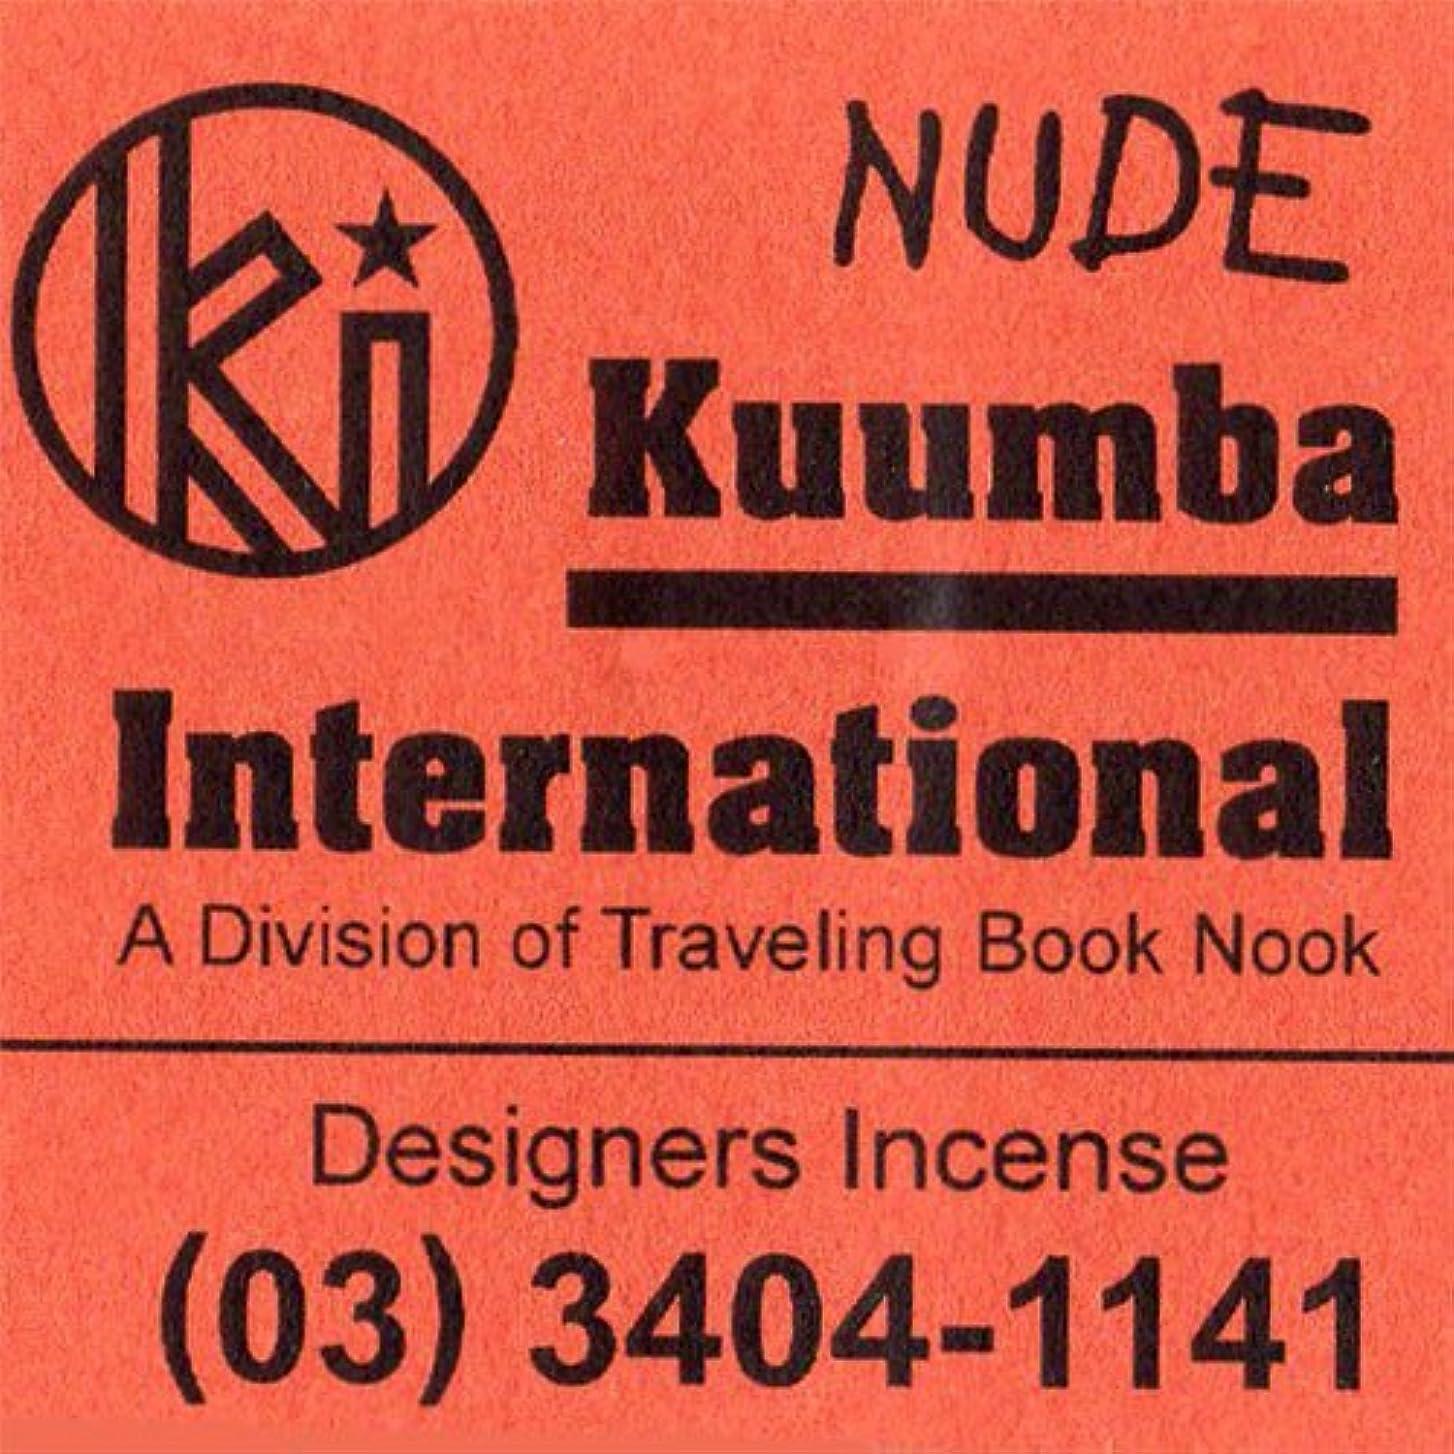 くつろぐ捧げる航海のKUUMBA / クンバ『incense』(NUDE) (Regular size)